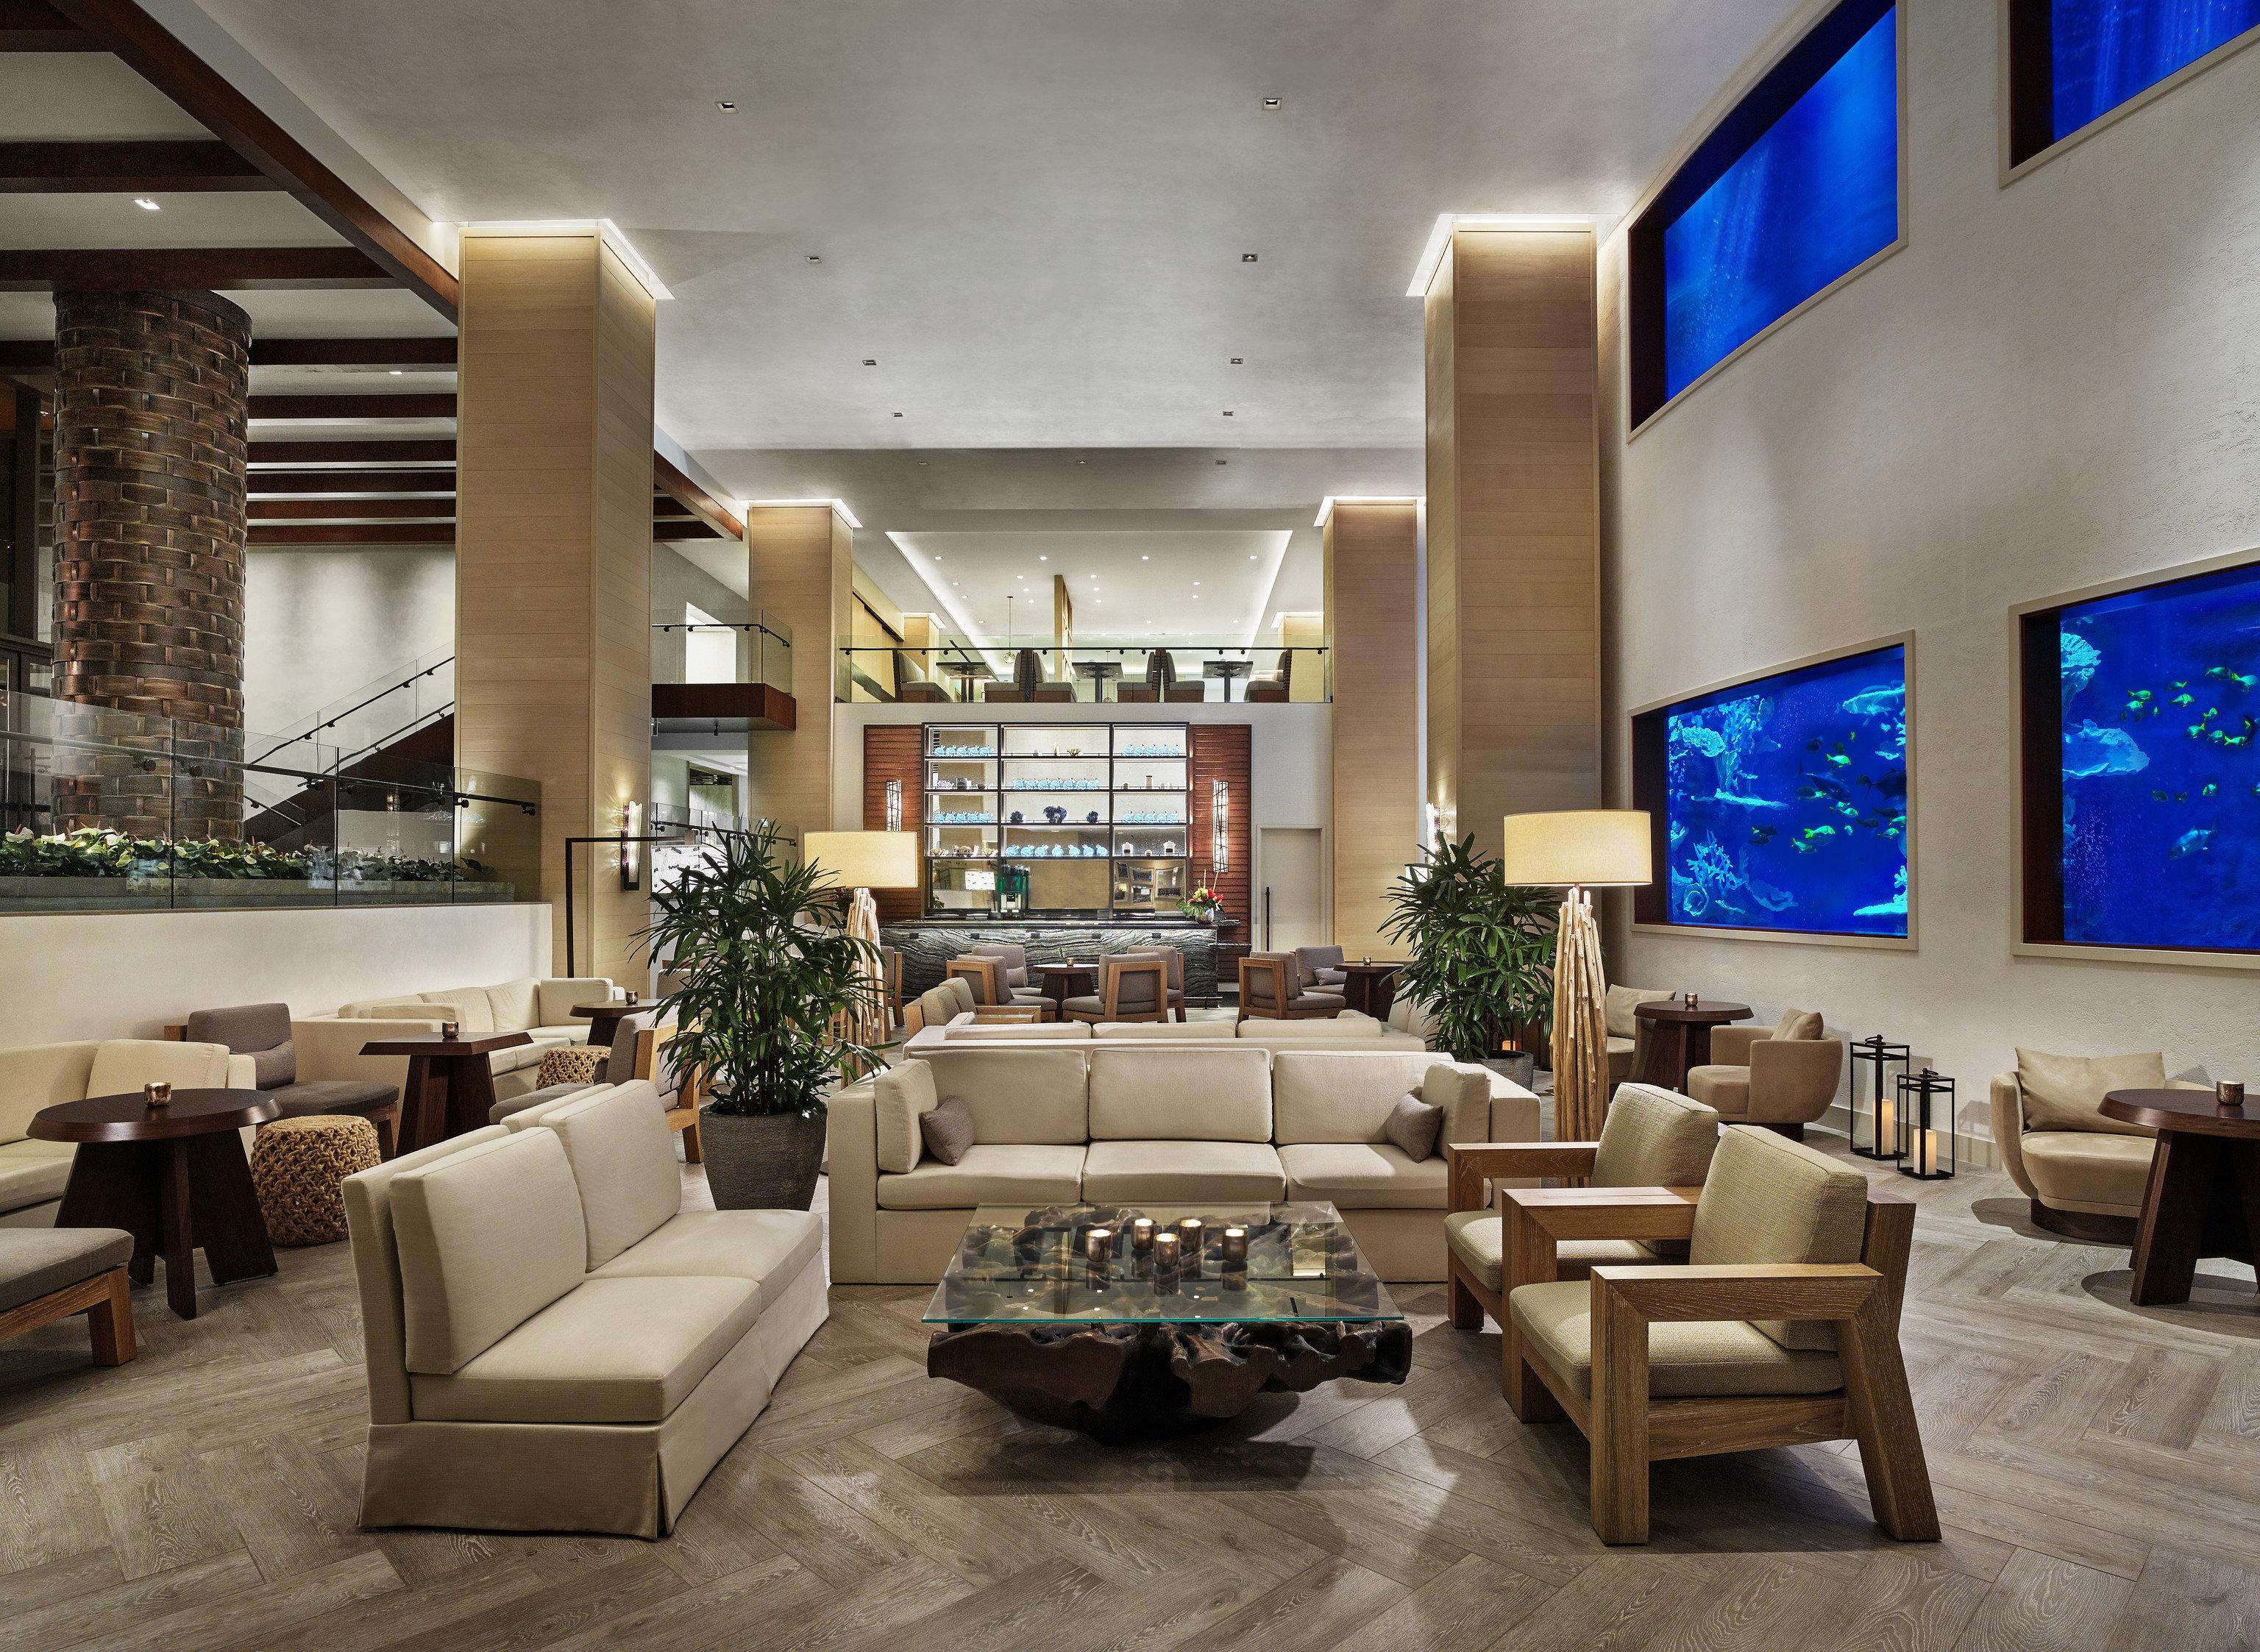 Trip Ideas indoor floor Living Lobby ceiling room interior design furniture living room apartment daylighting condominium